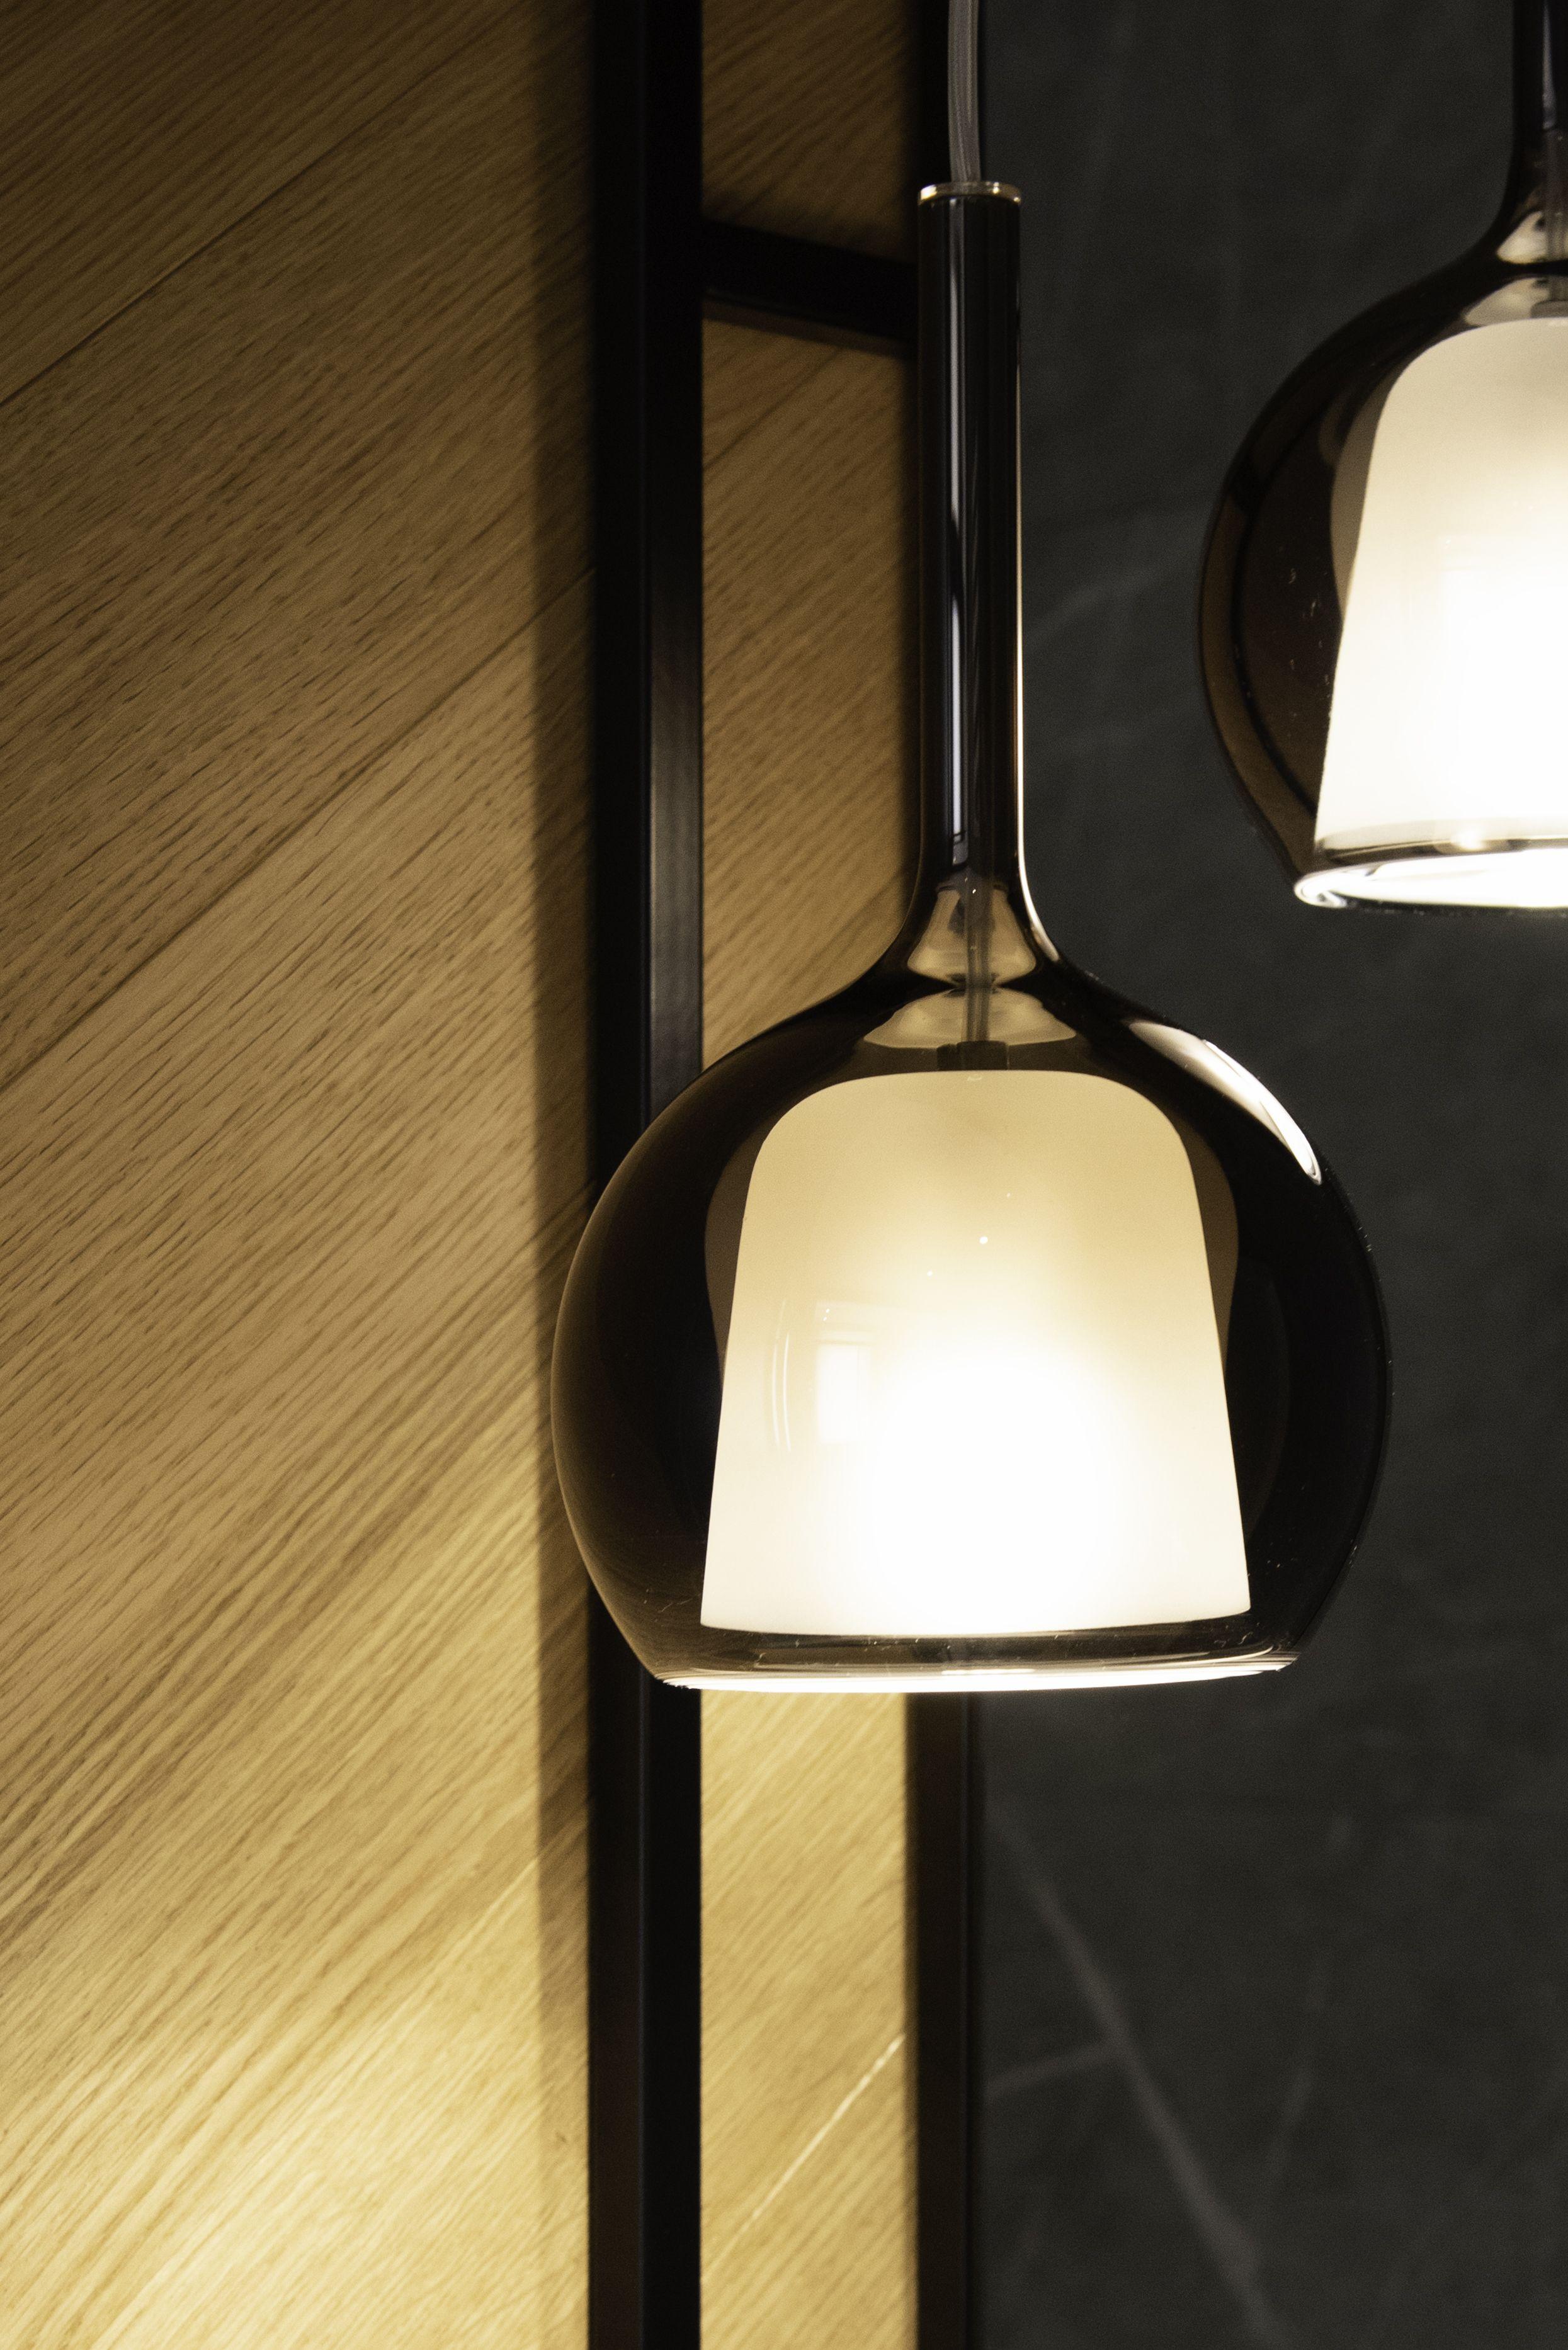 Appartamento Privato Picture Gallery Lamp Picture Gallery Lighting